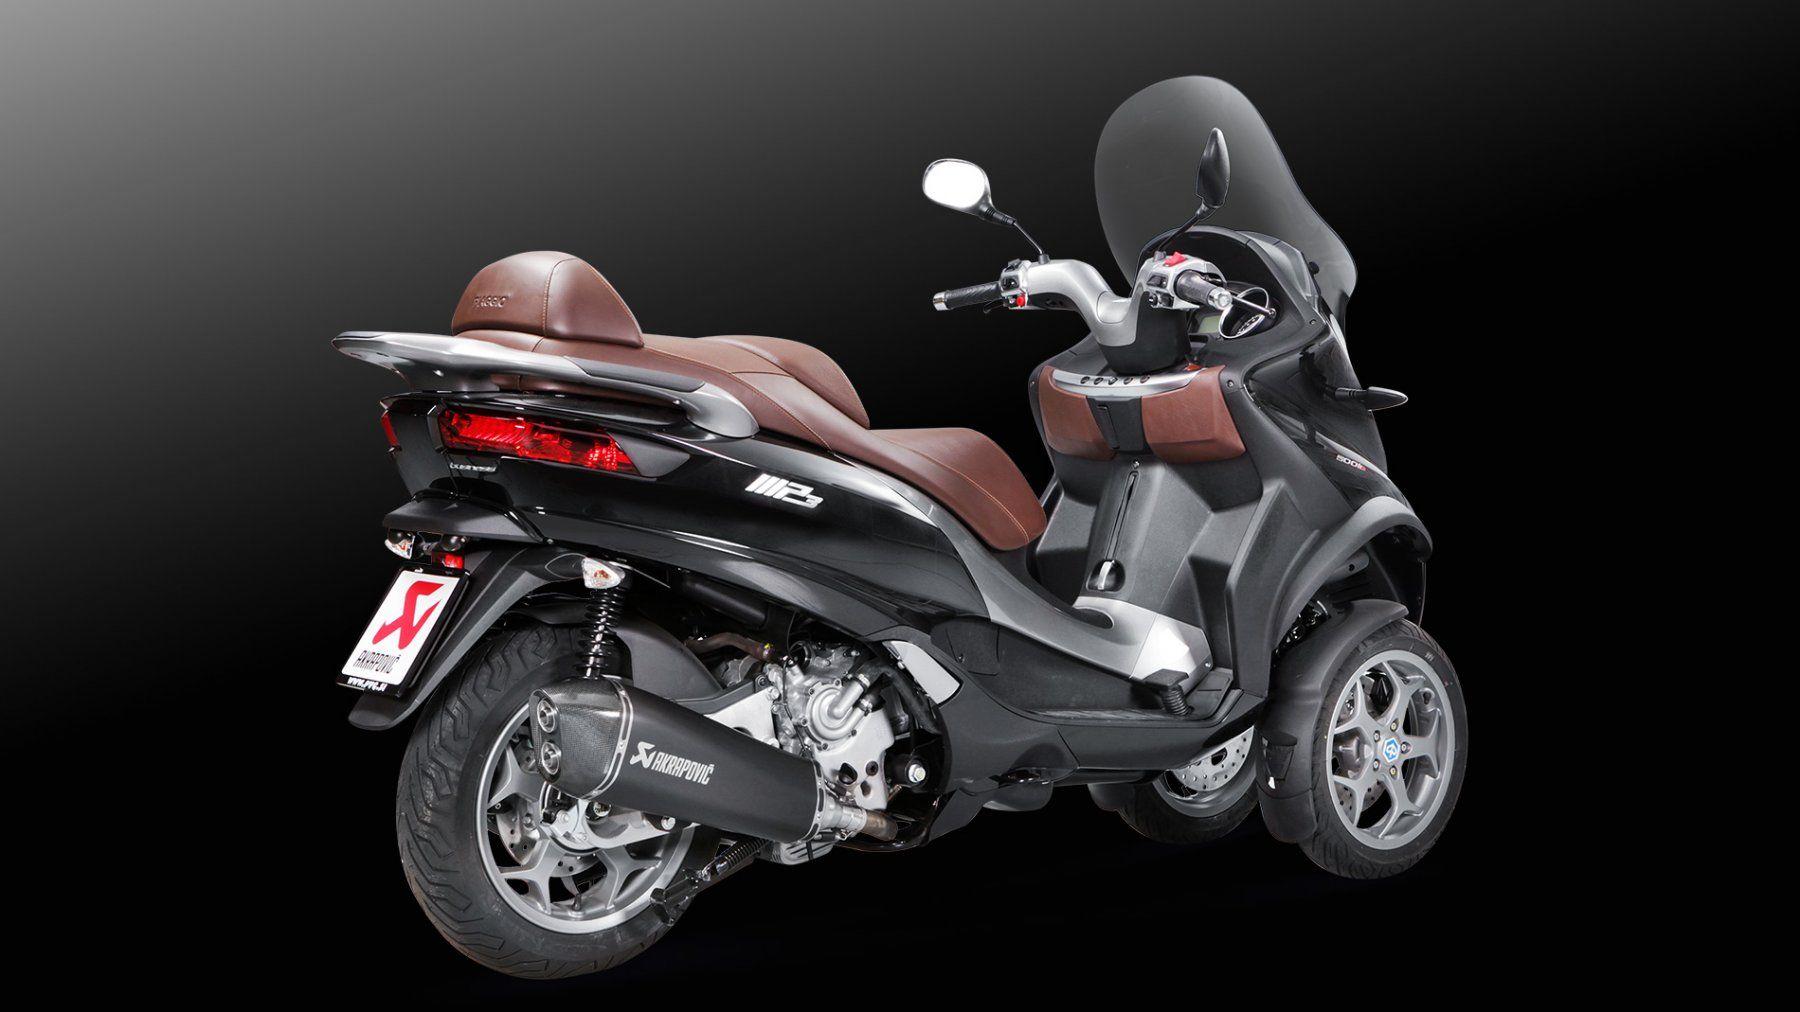 Auto D Occasion >> Piaggio MP3, moto or not moto ? - moto scooter - Motos d ...